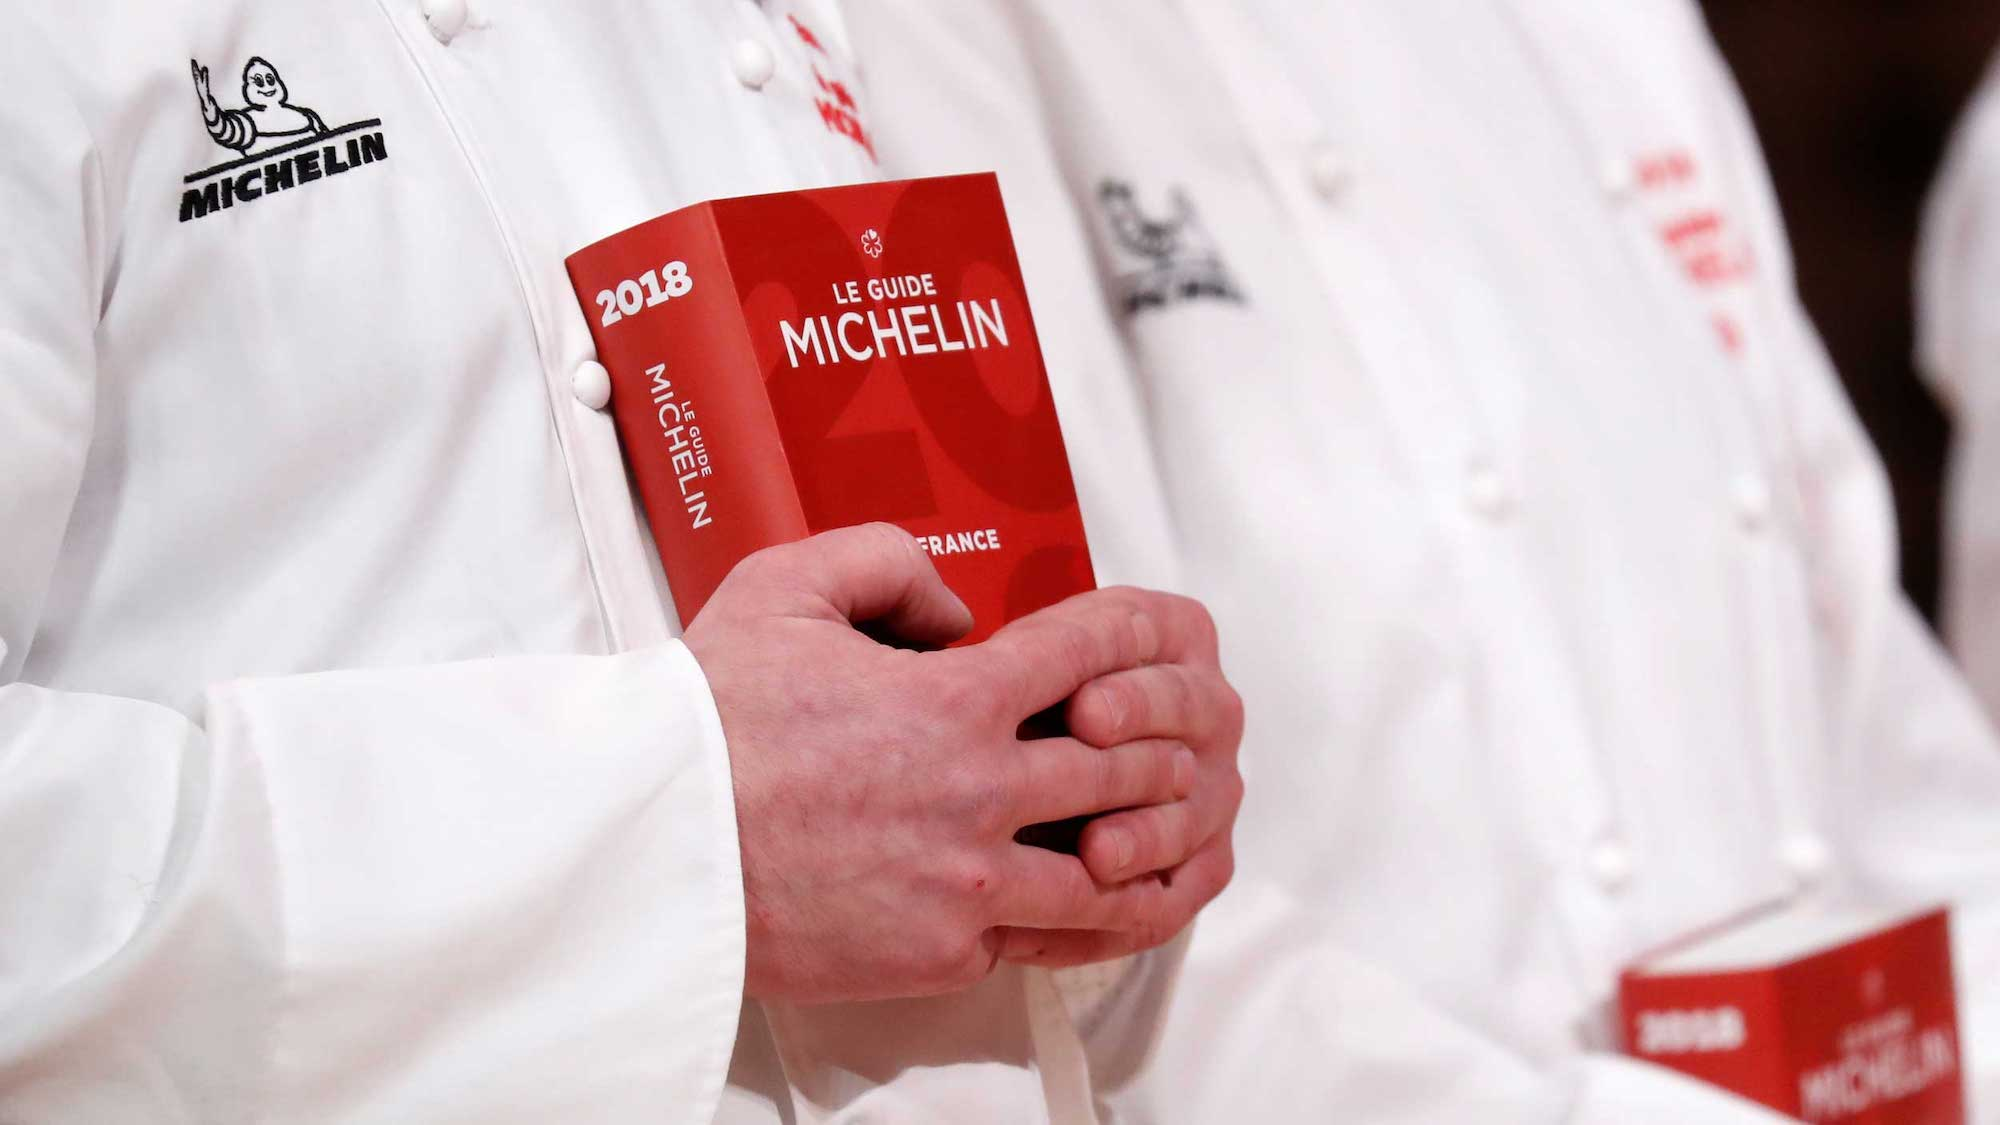 Những điều cần biết và vì đâu sao Michelin vẫn chưa bén duyên với Việt Nam